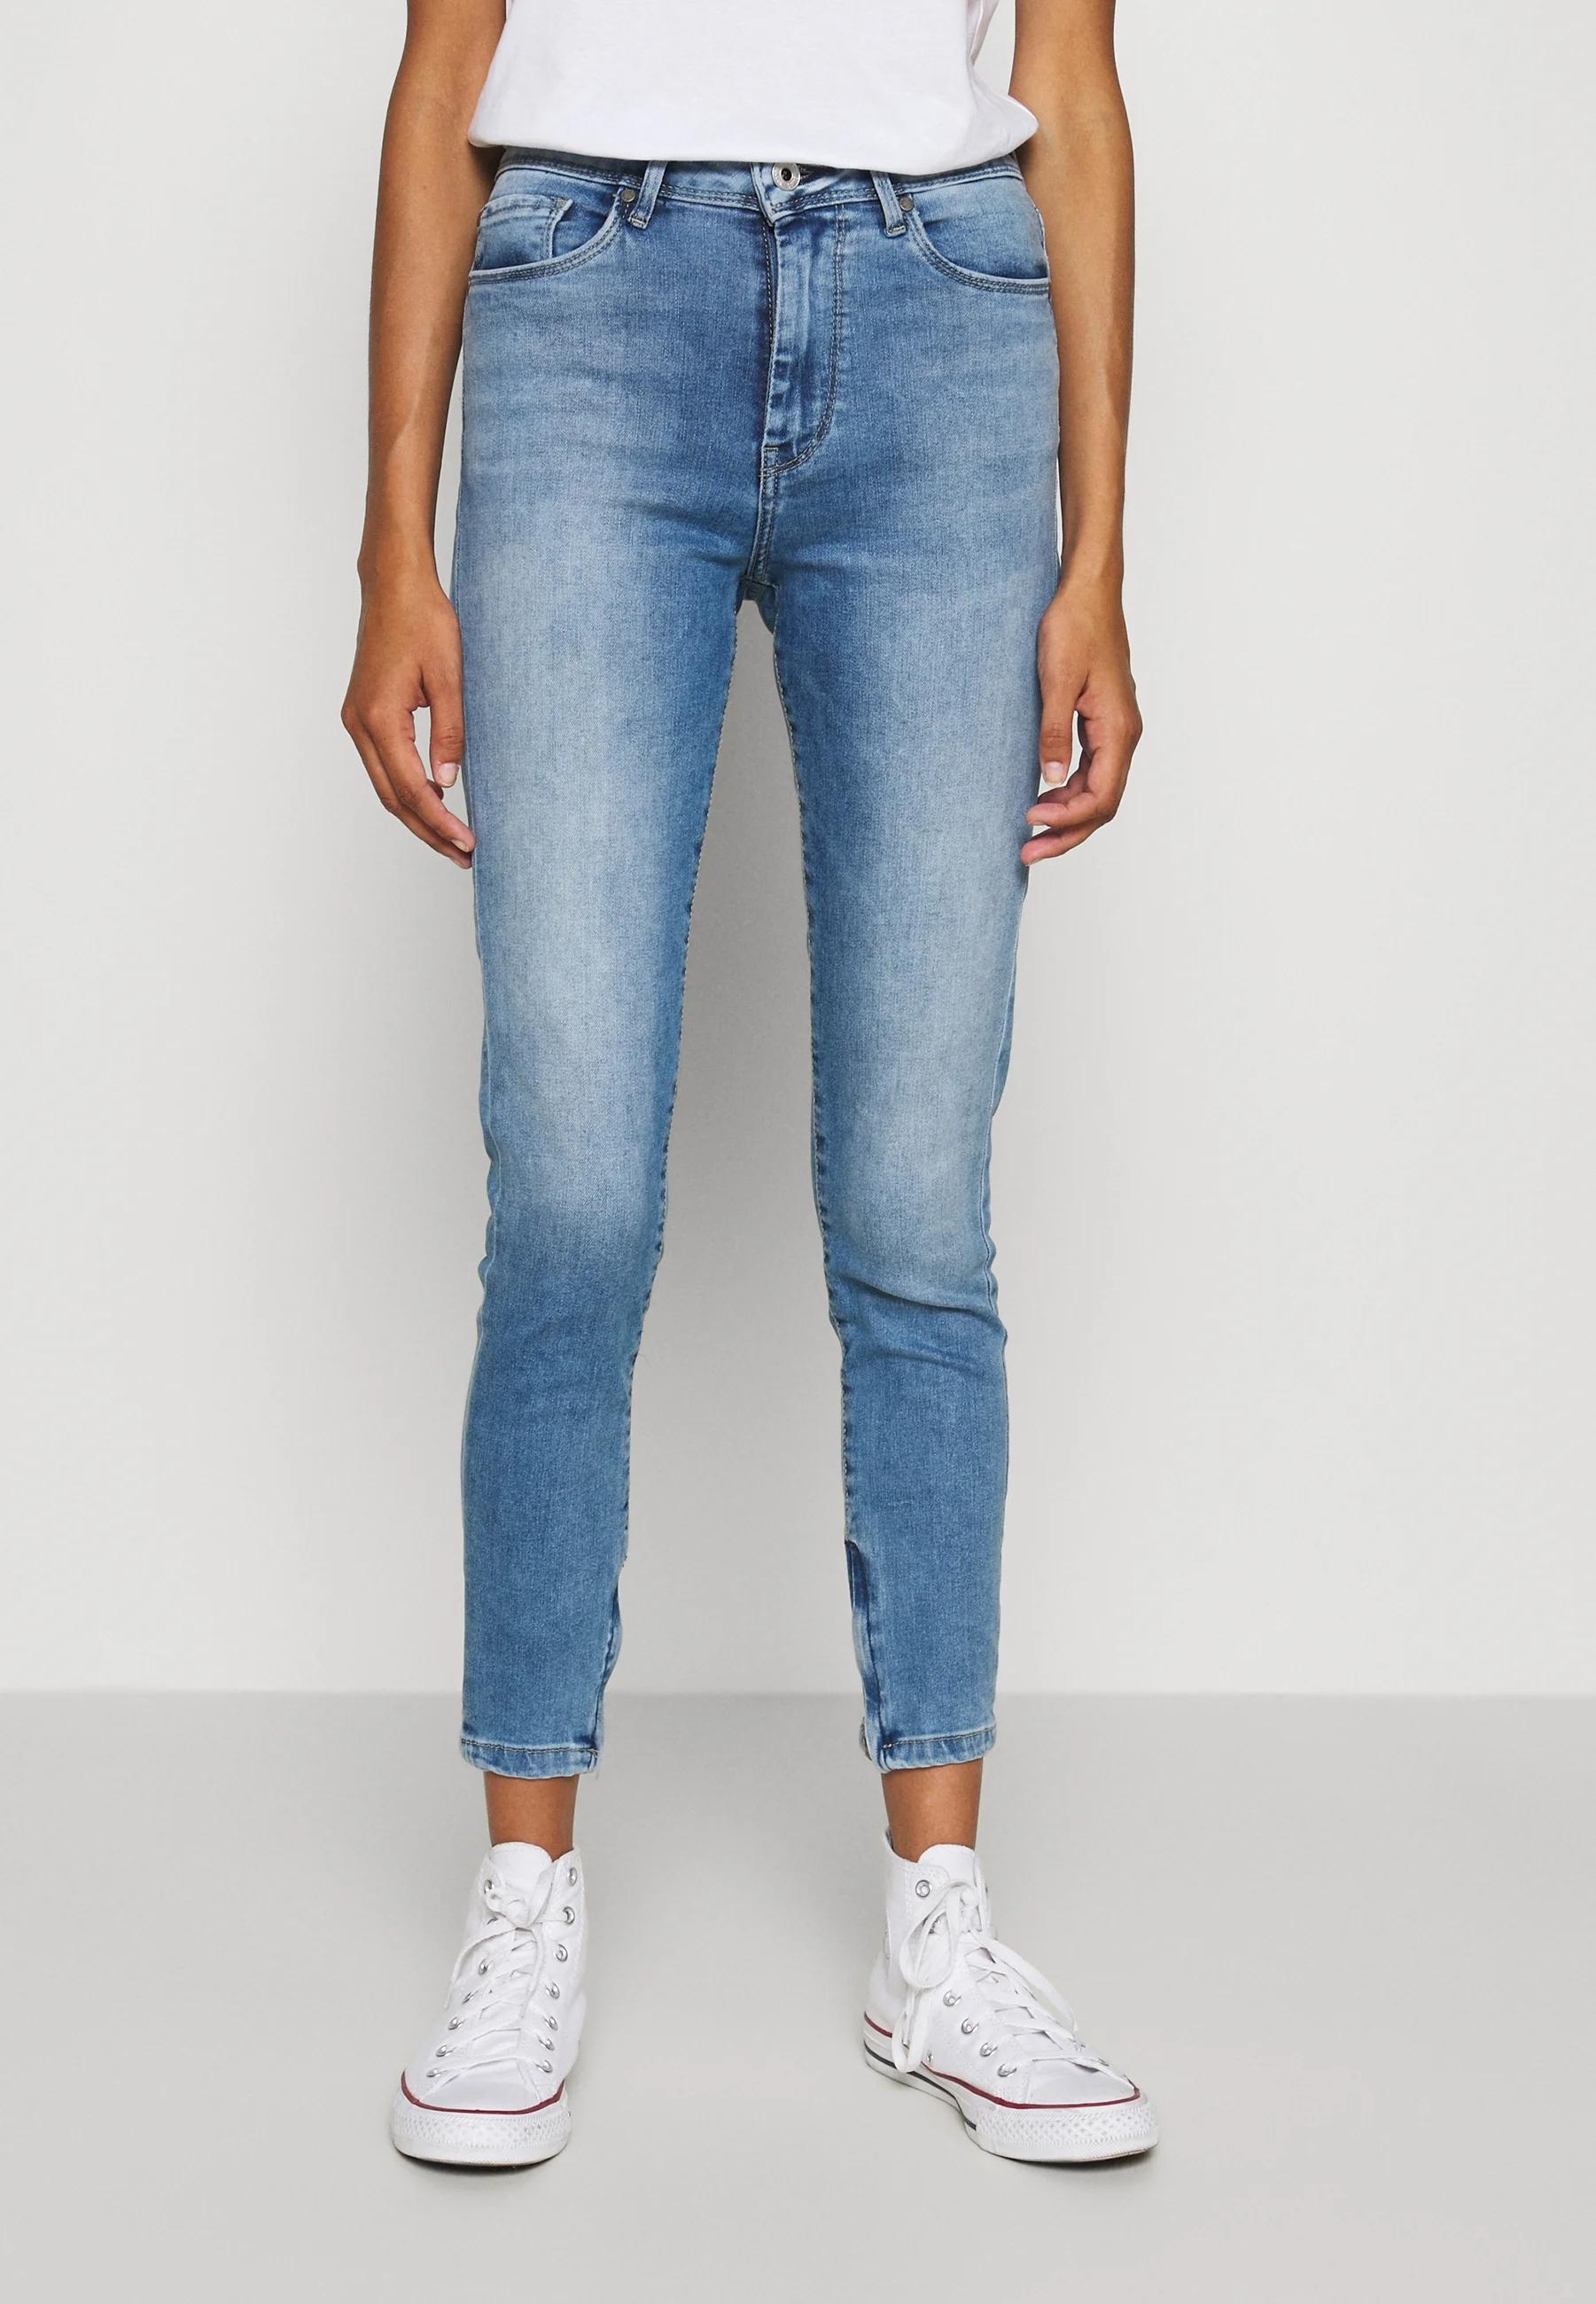 Pepe Jeans Skinny Fit High z zamkiem na kostce - małe rozmiary w promocji - @Zalando